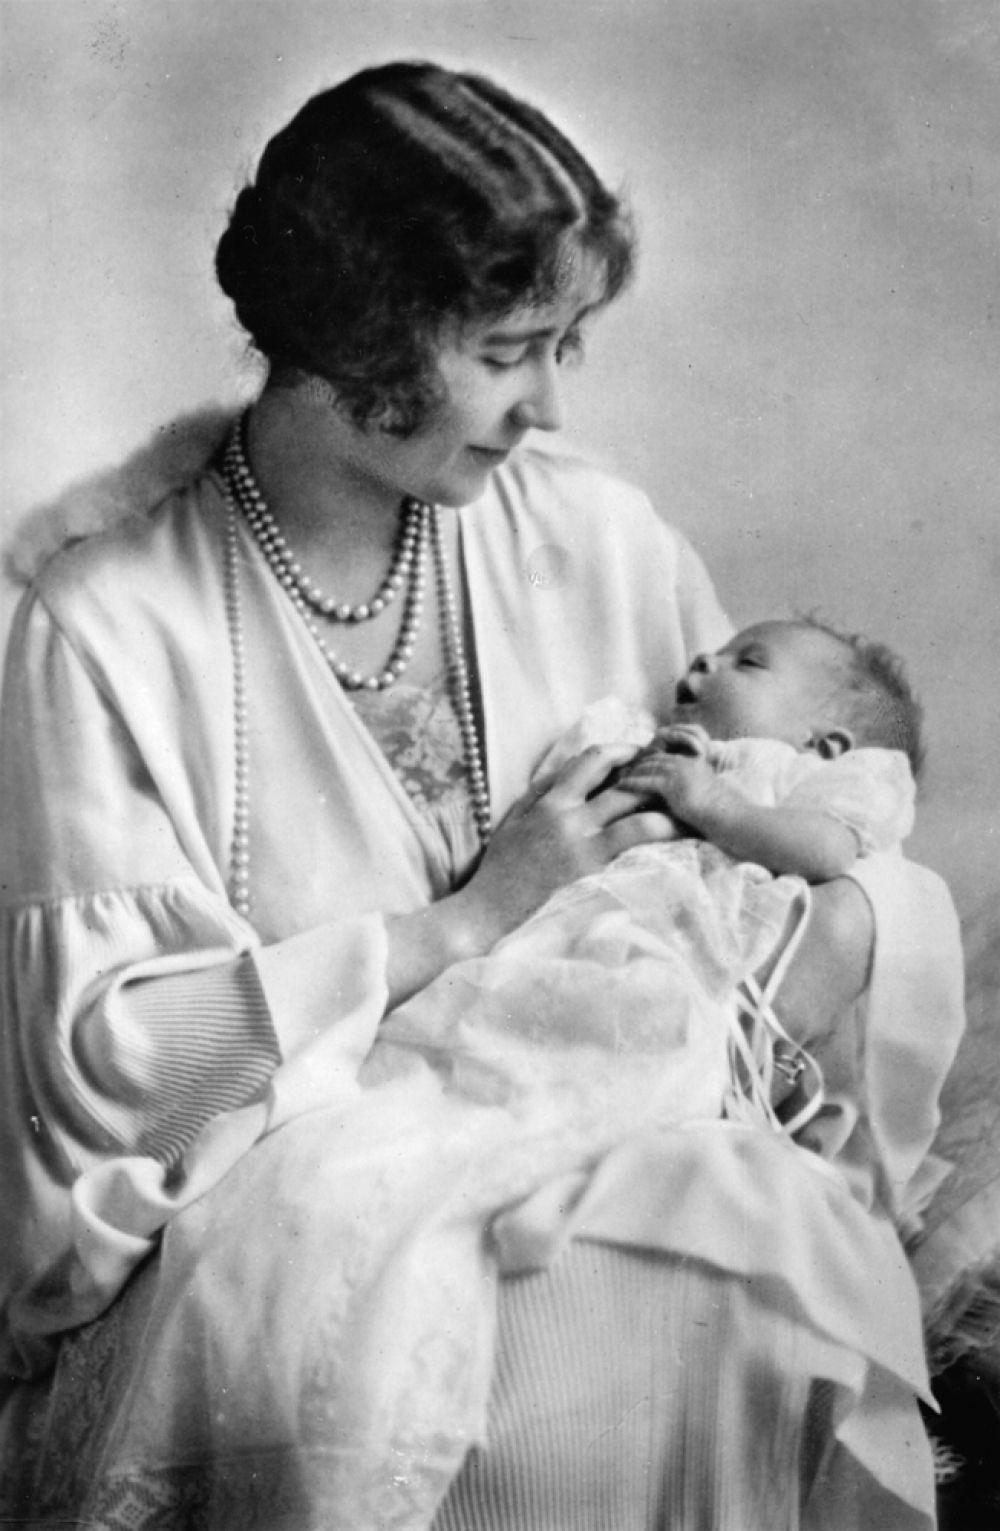 Королева Великобритании Елизавета II (Queen Elizabeth II) родилась 21 апреля 1926 года в Лондоне в семье герцога и герцогини Йоркских.